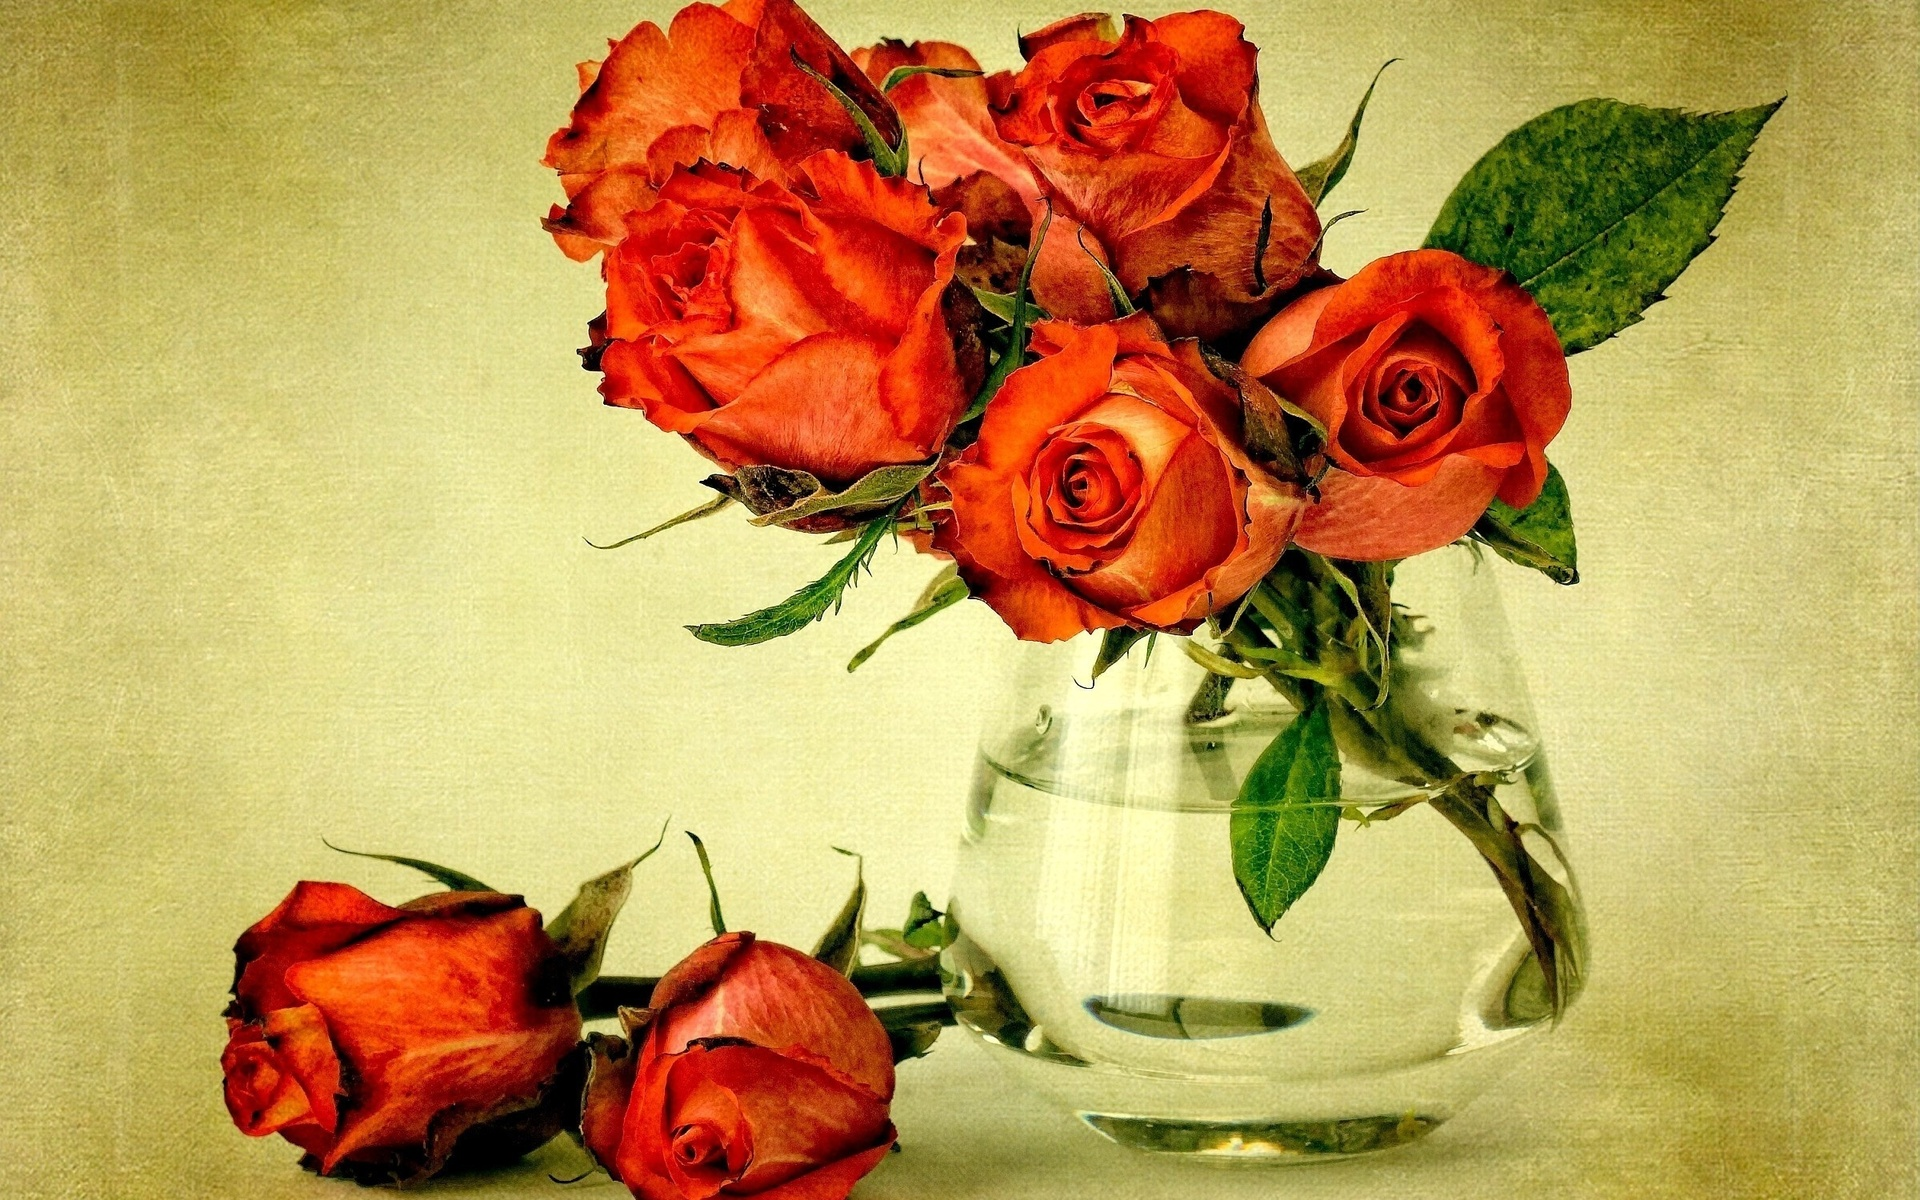 Открытки в онлайн с цветами, картинки надписями